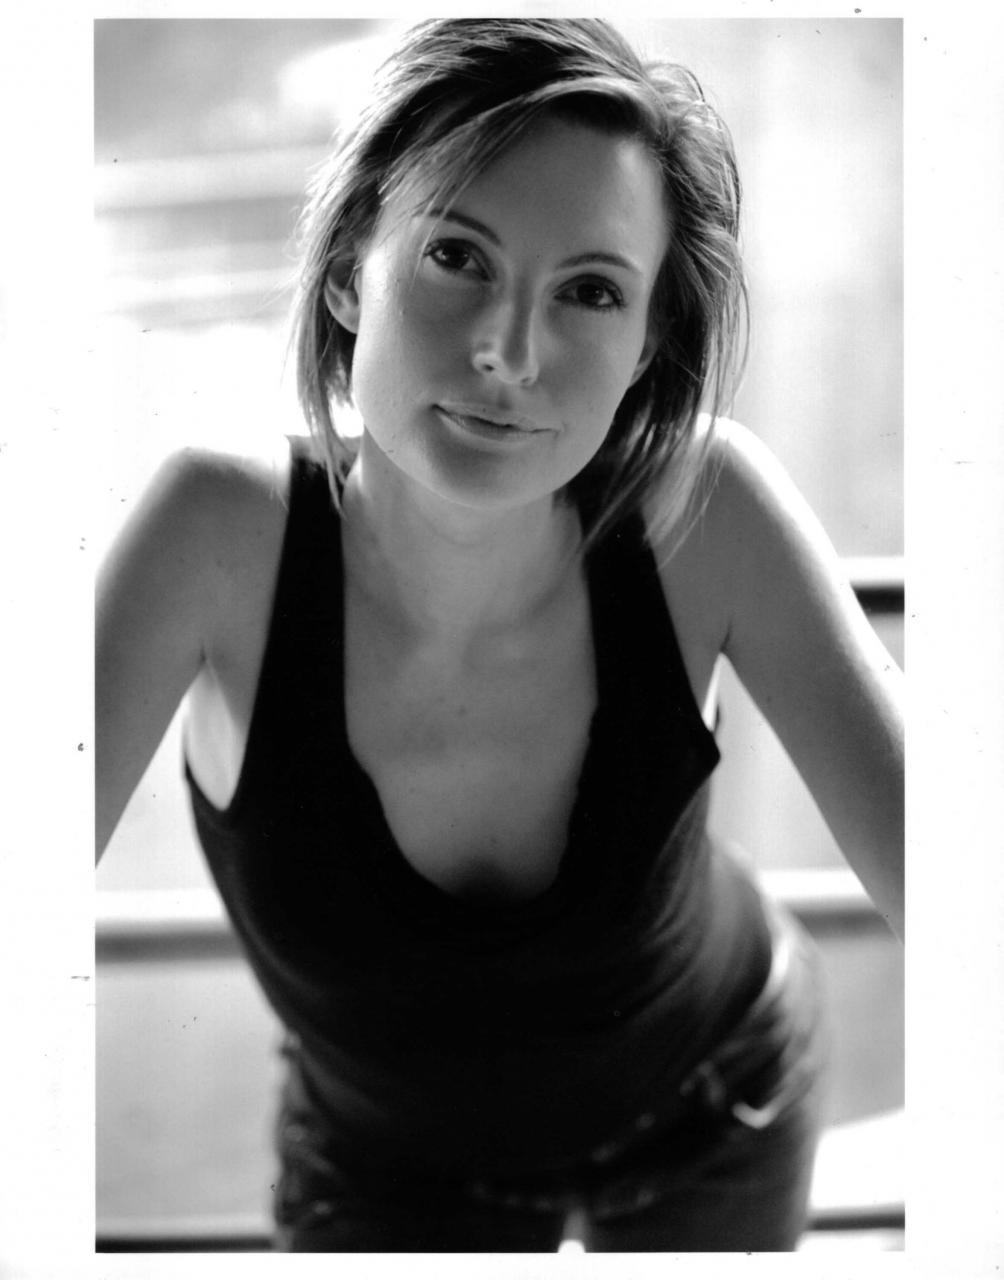 Daisy Bates Nude Photos 100